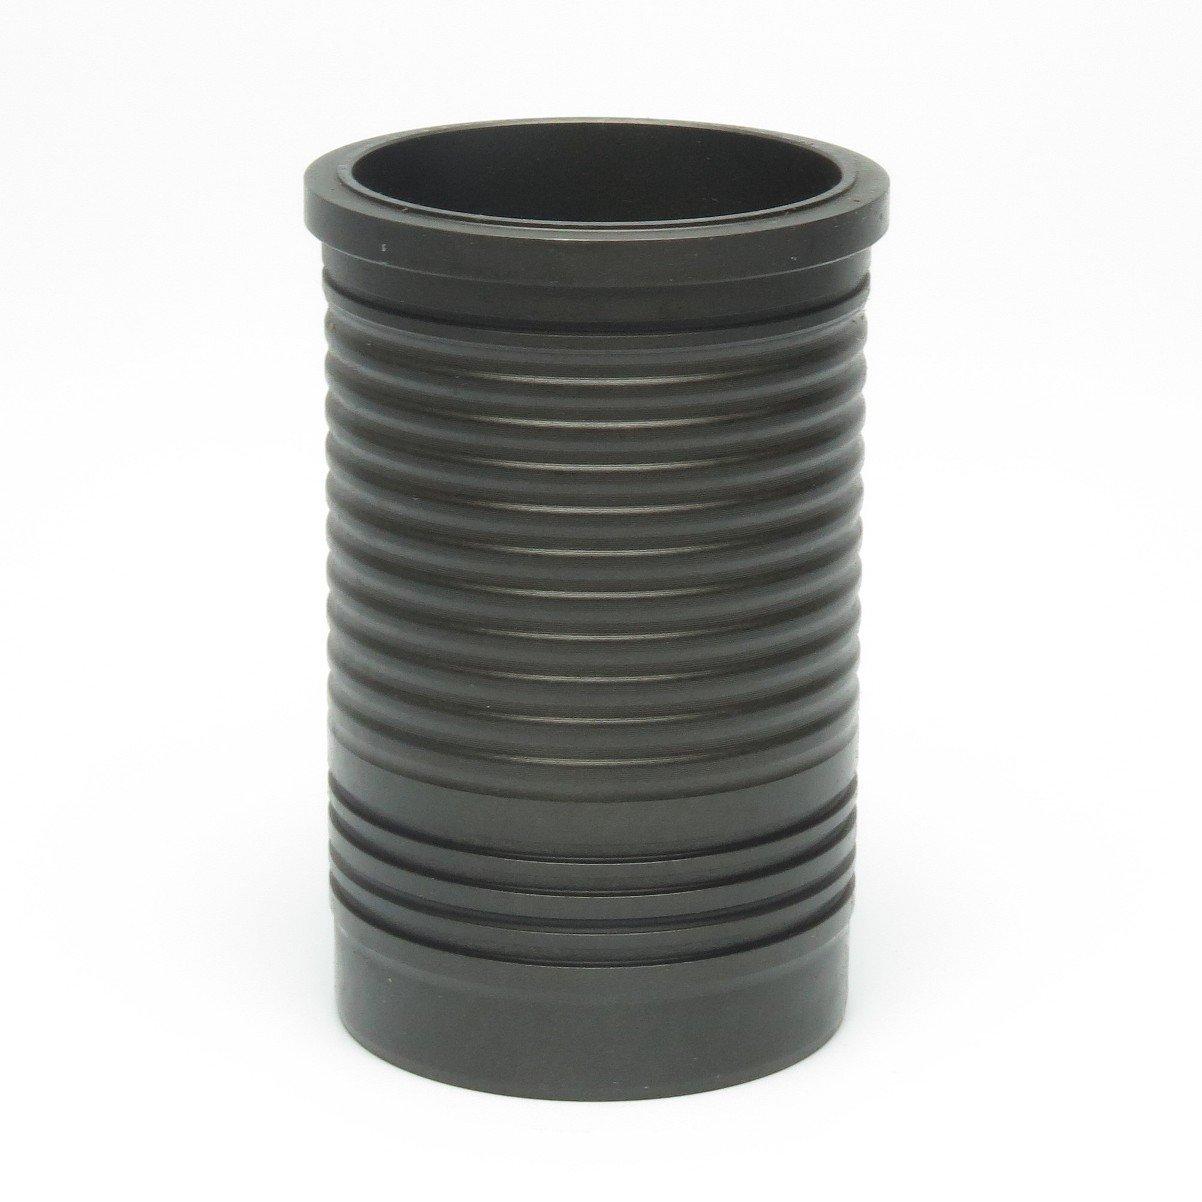 SJ 351453 - Cylinder Repair Liner